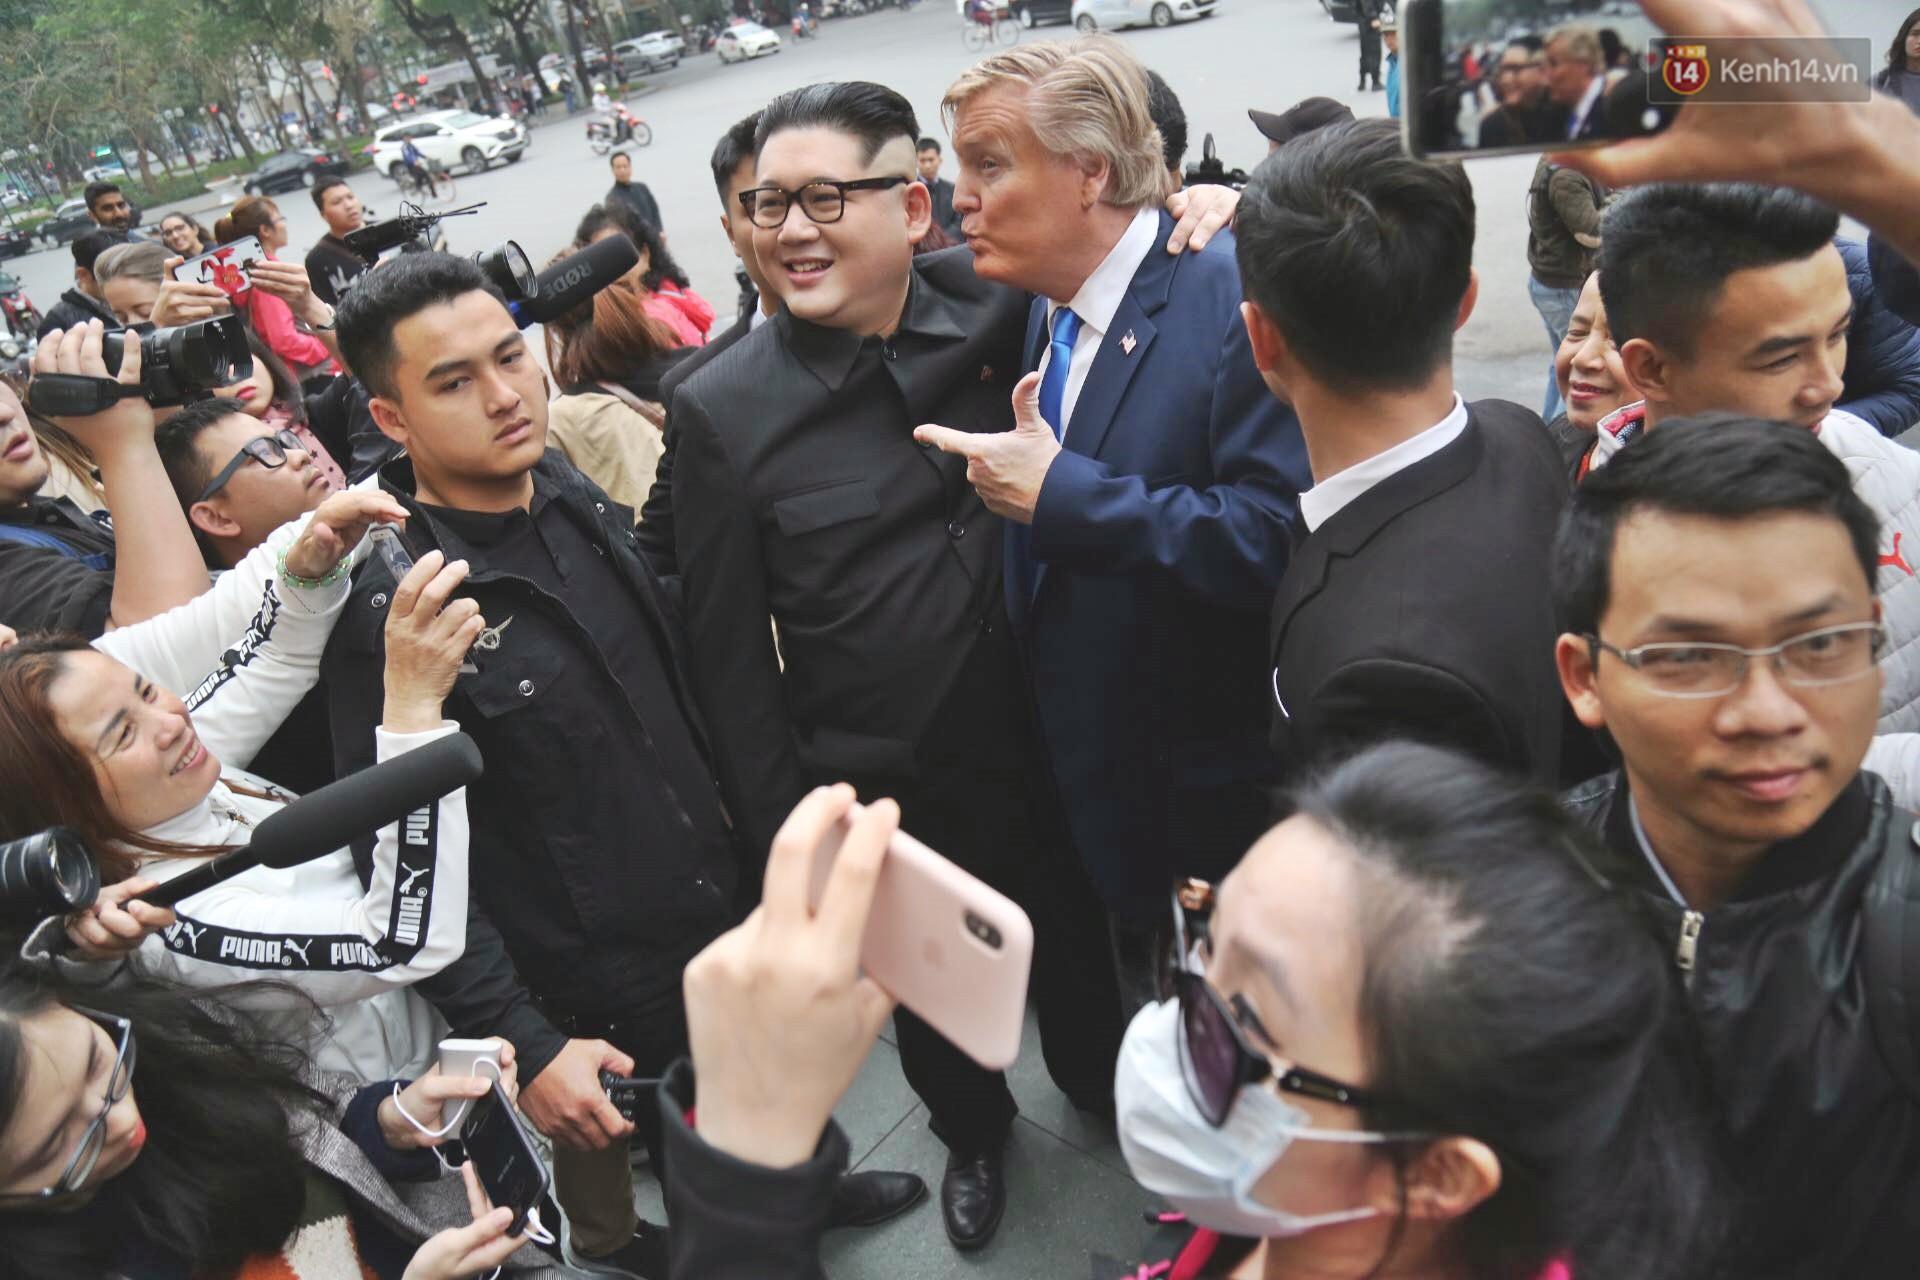 Bản sao của ông Kim Jong-un và Donald Trump bất ngờ xuất hiện tại Hà Nội, bị người dân và phóng viên vây kín - Ảnh 6.